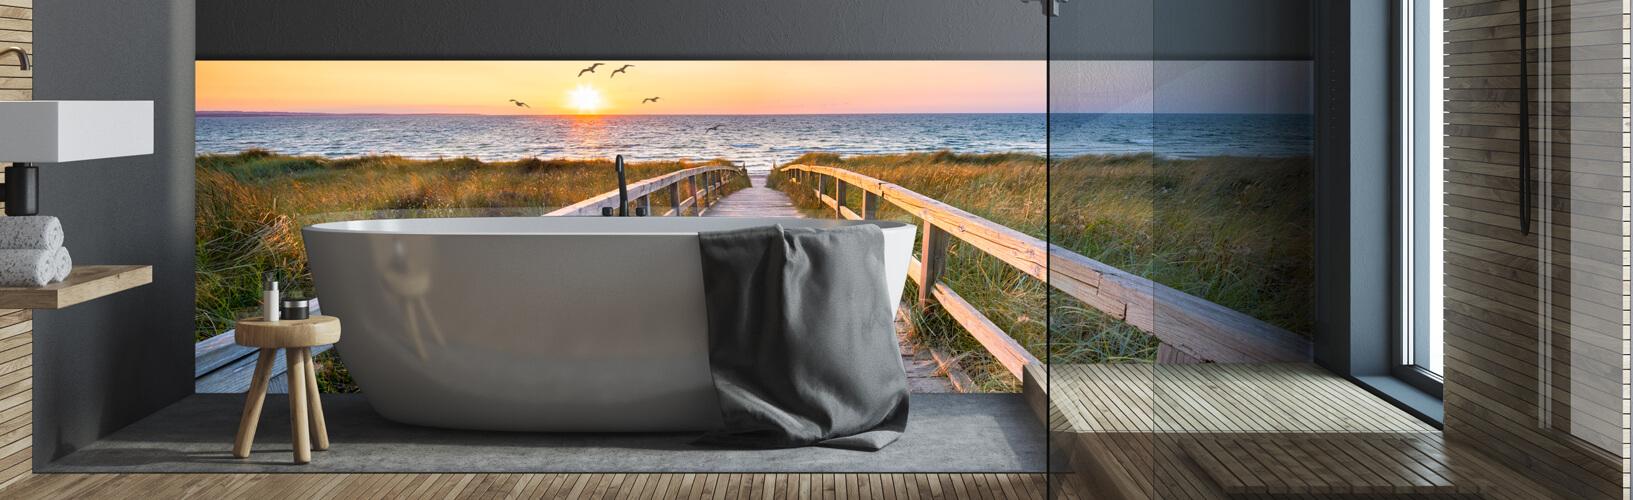 Motiv rückwand badezimmer mit 11% Rabatt und Kostenlose Lieferung